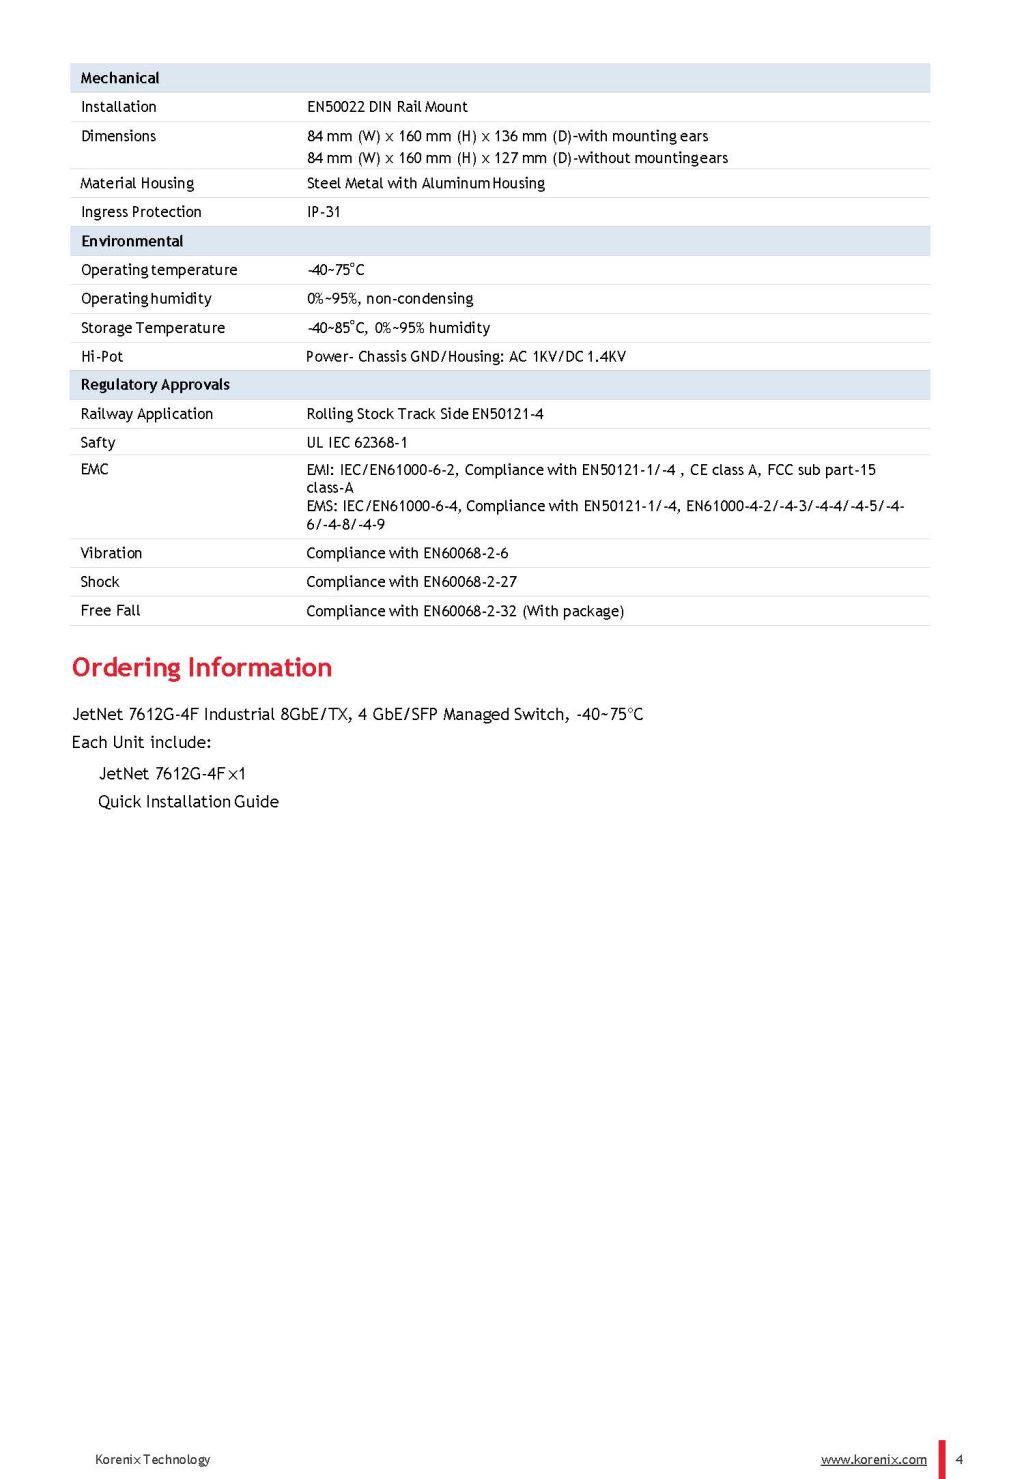 Korenix JetNet 7612G-4F Industrial 12 ports Gigabit Managed Switch